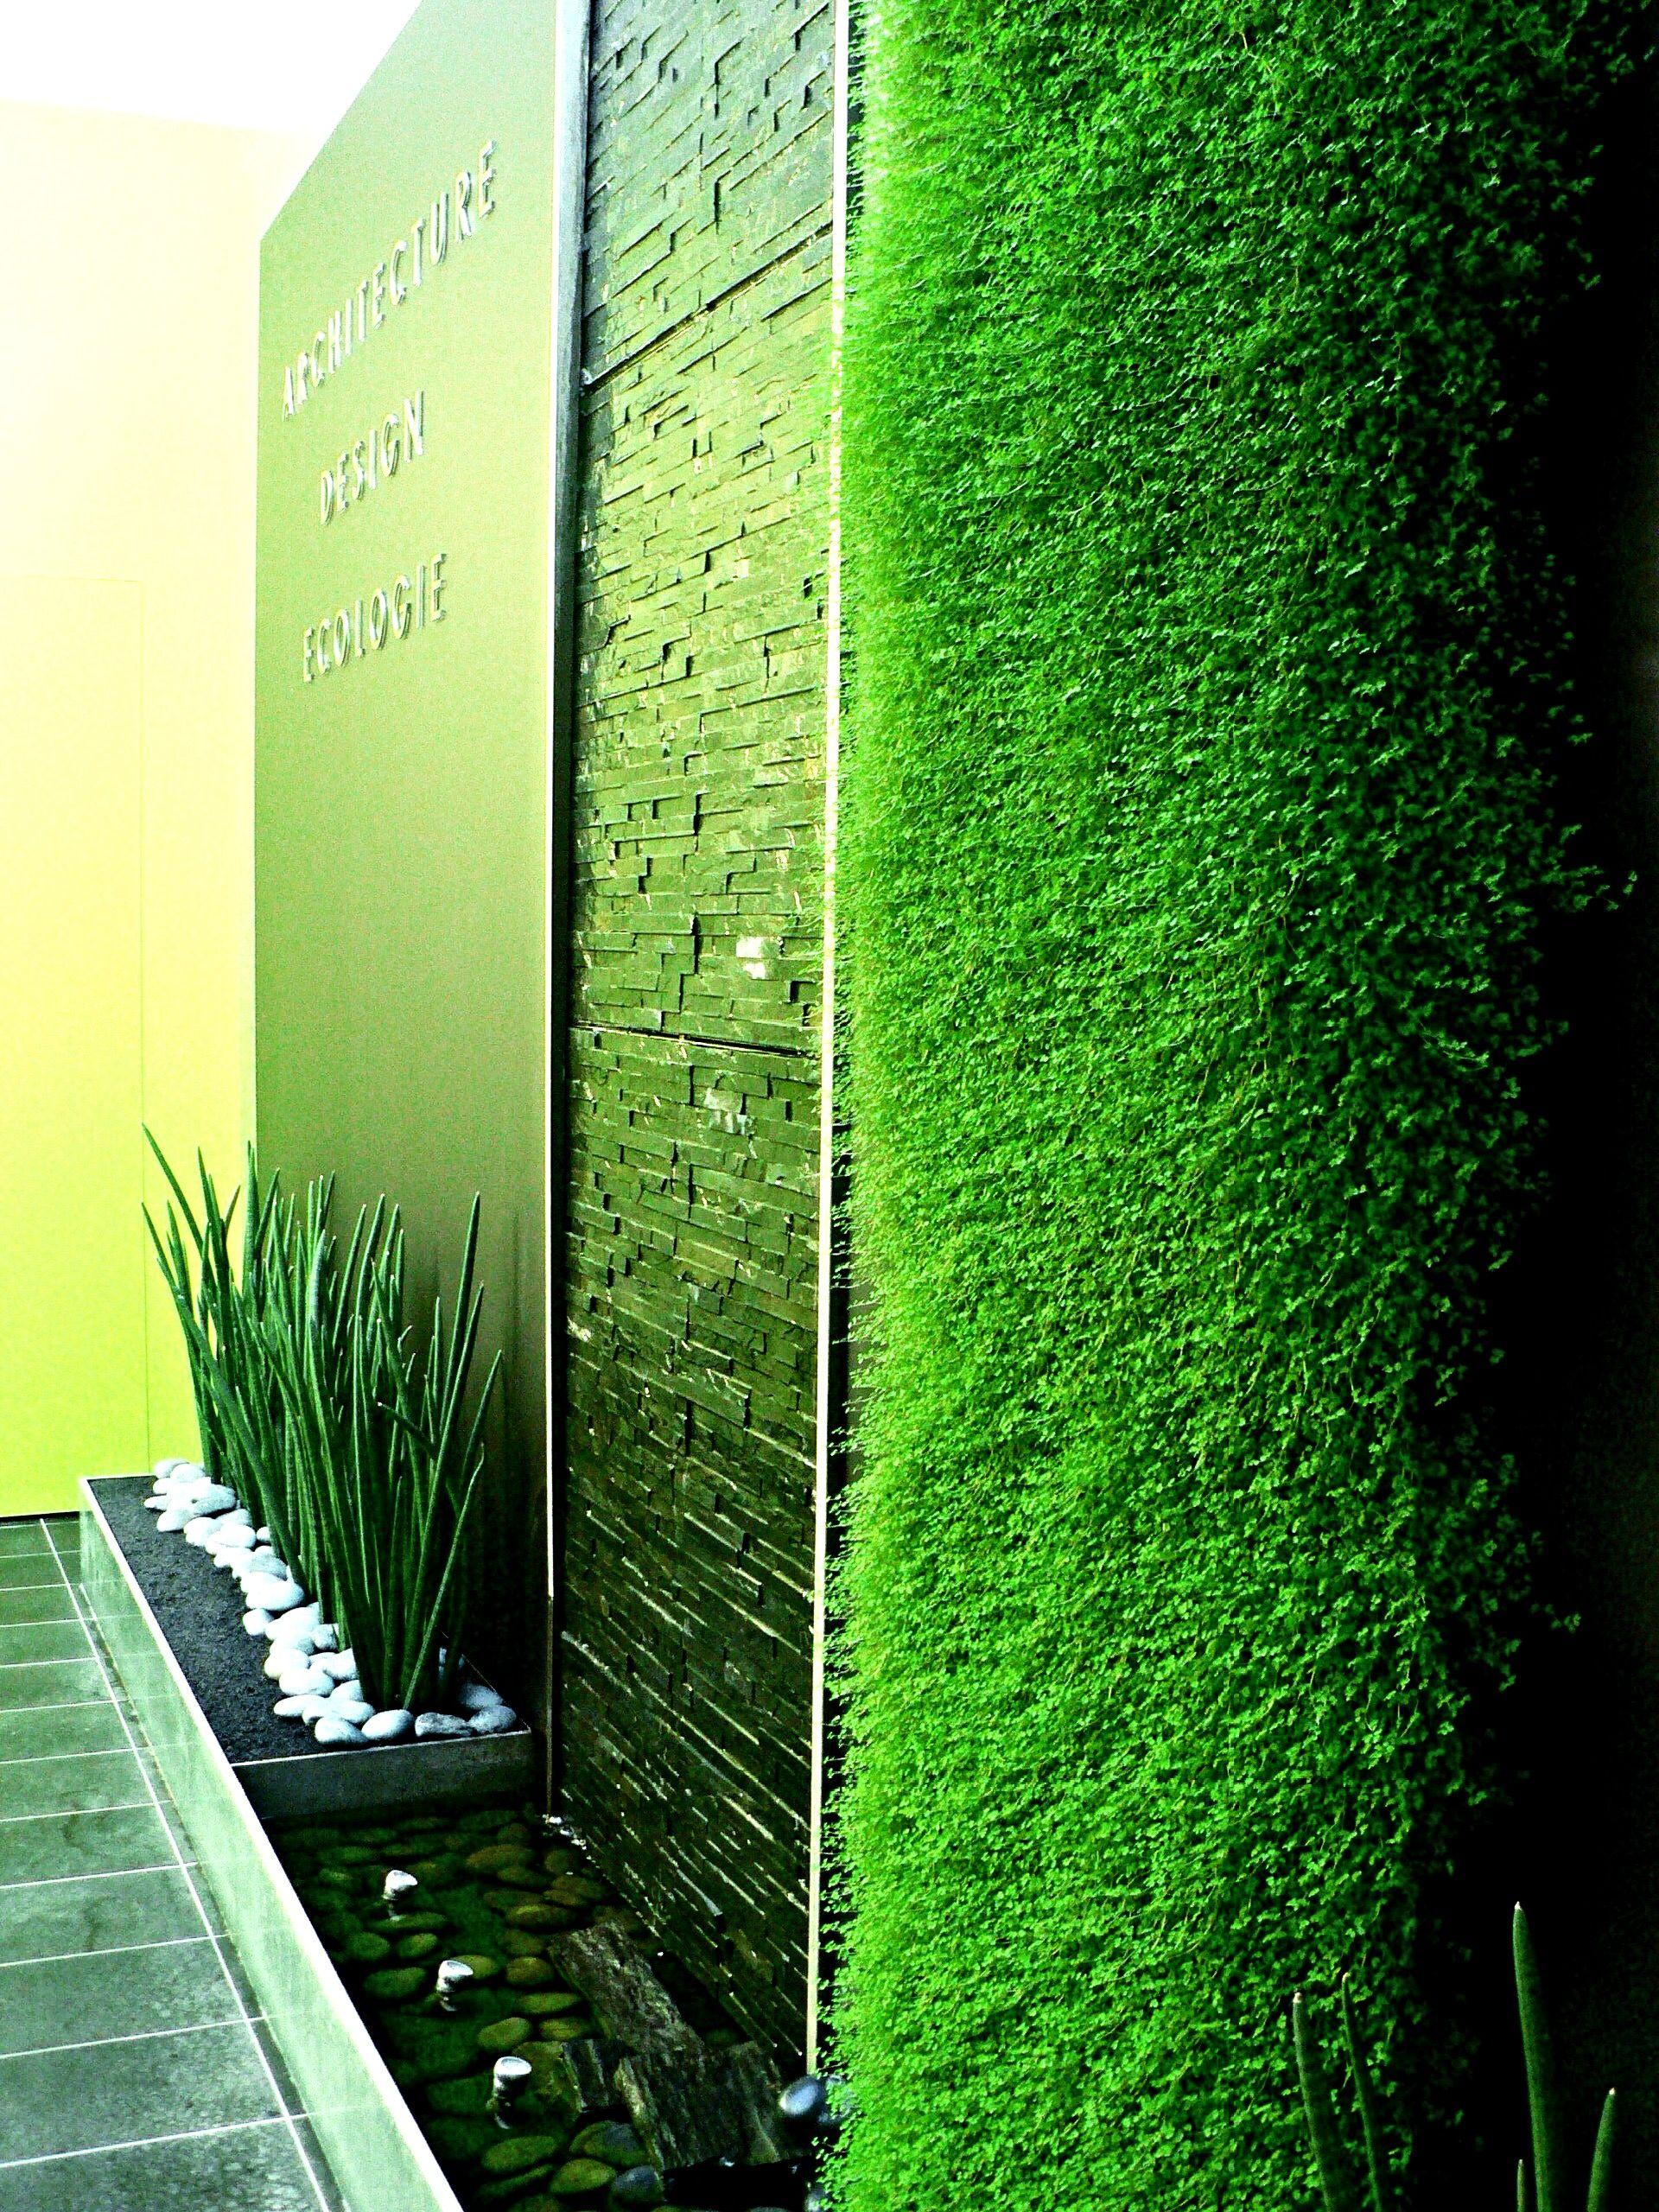 a50d655be0af06c416e2a32ff7a6e38a Meilleur De De Boule Deco Jardin Des Idées